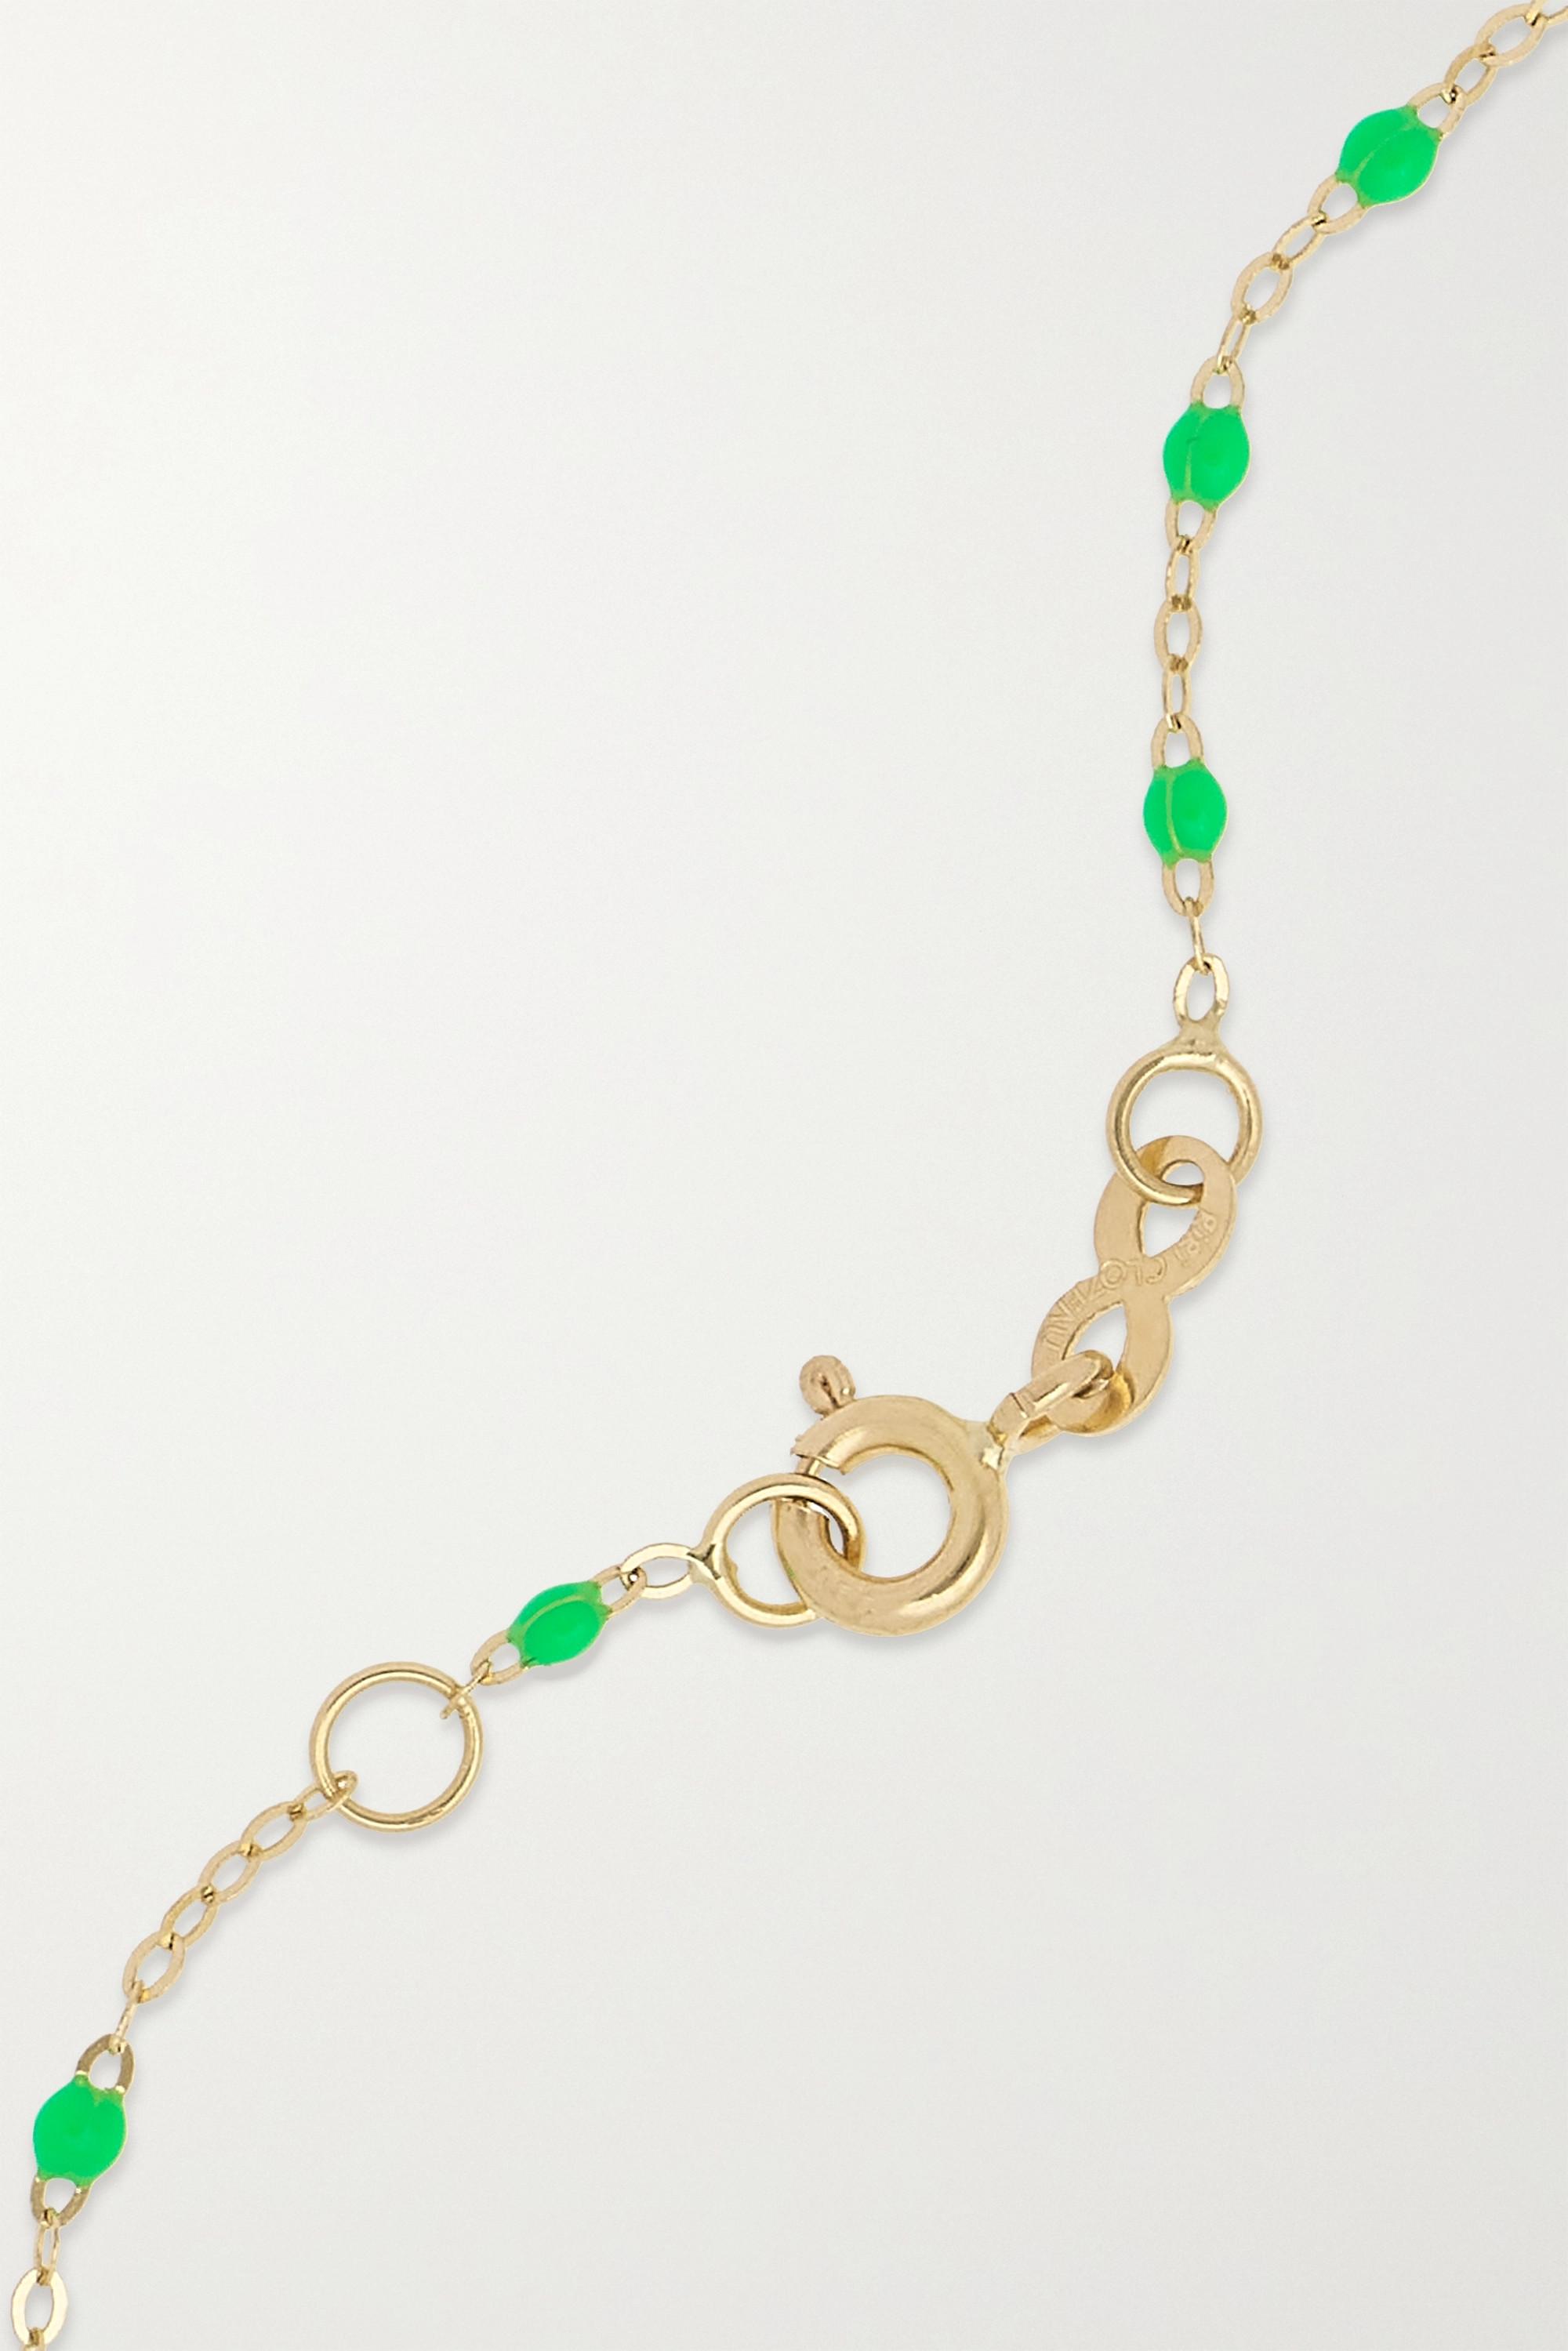 gigi CLOZEAU Madone Classic Gigi Armband aus 18 Karat Gold mit Harz